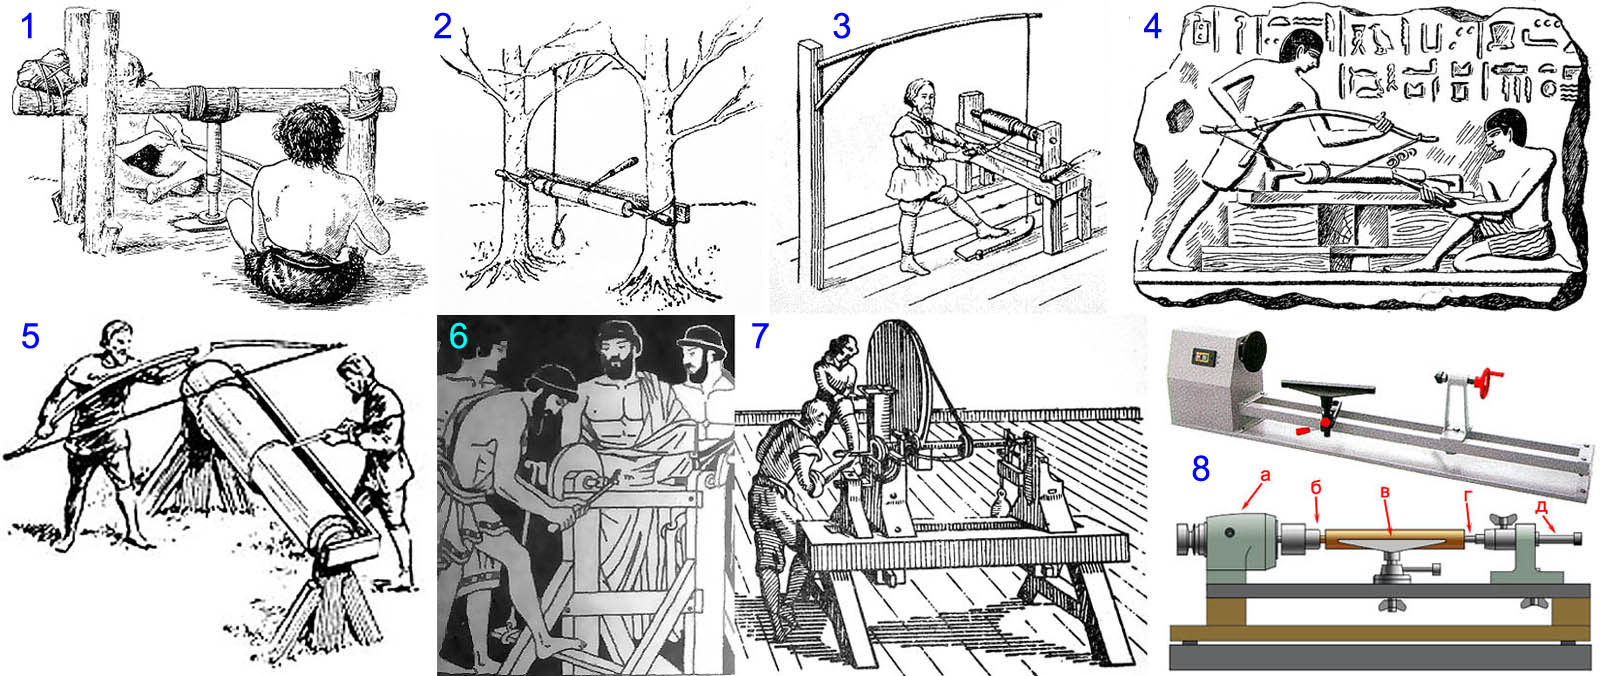 Этапы эволюции токарного станка по дереву